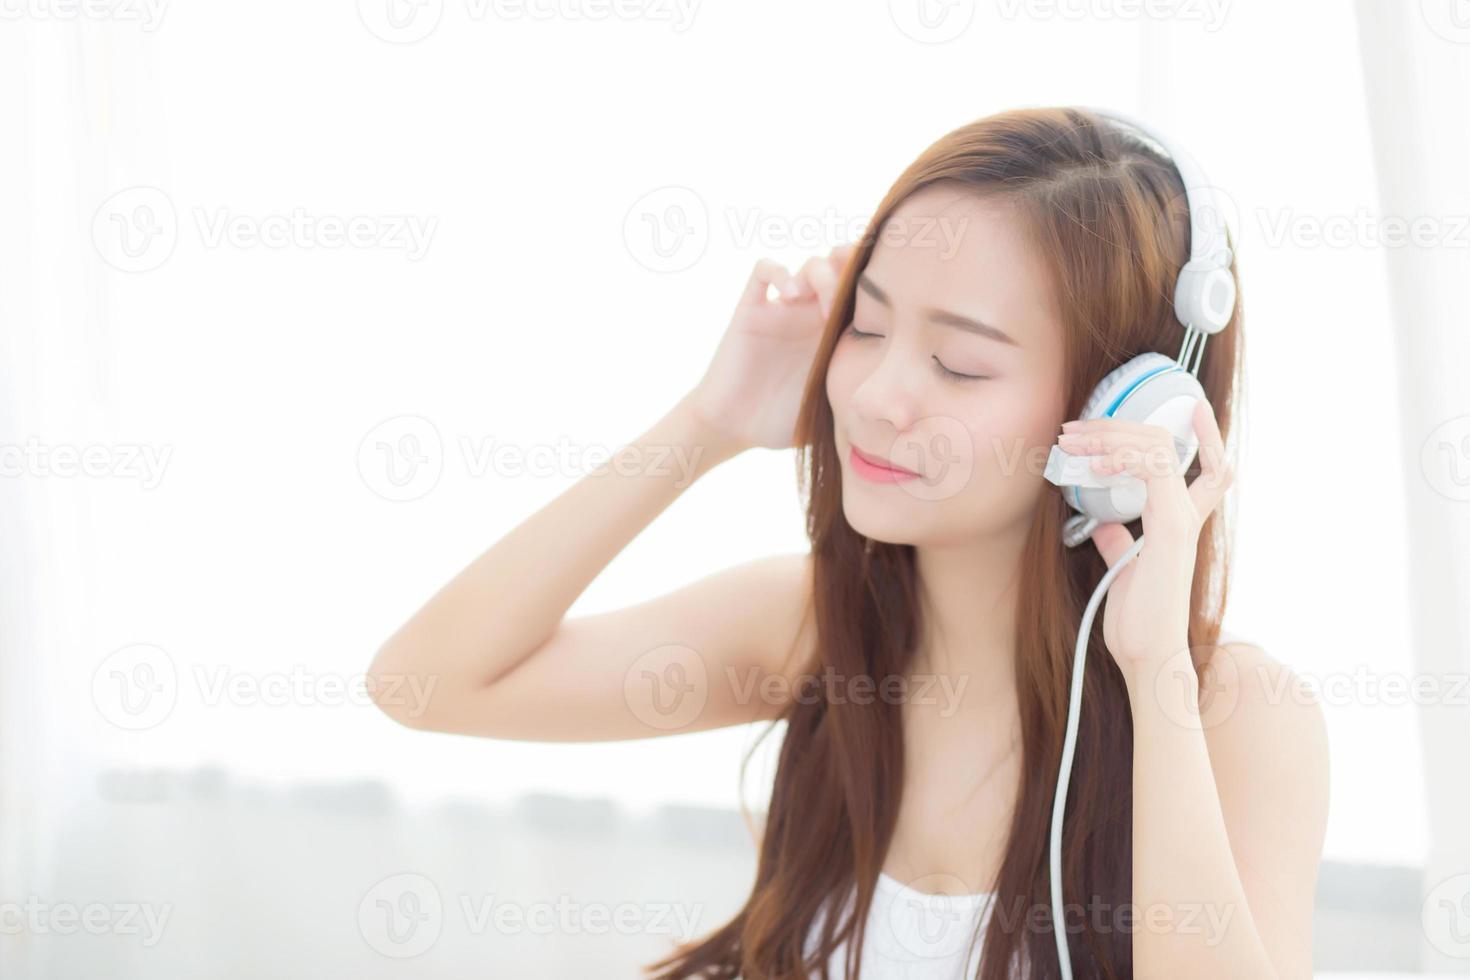 joven asiática disfruta de escuchar música con auriculares. foto